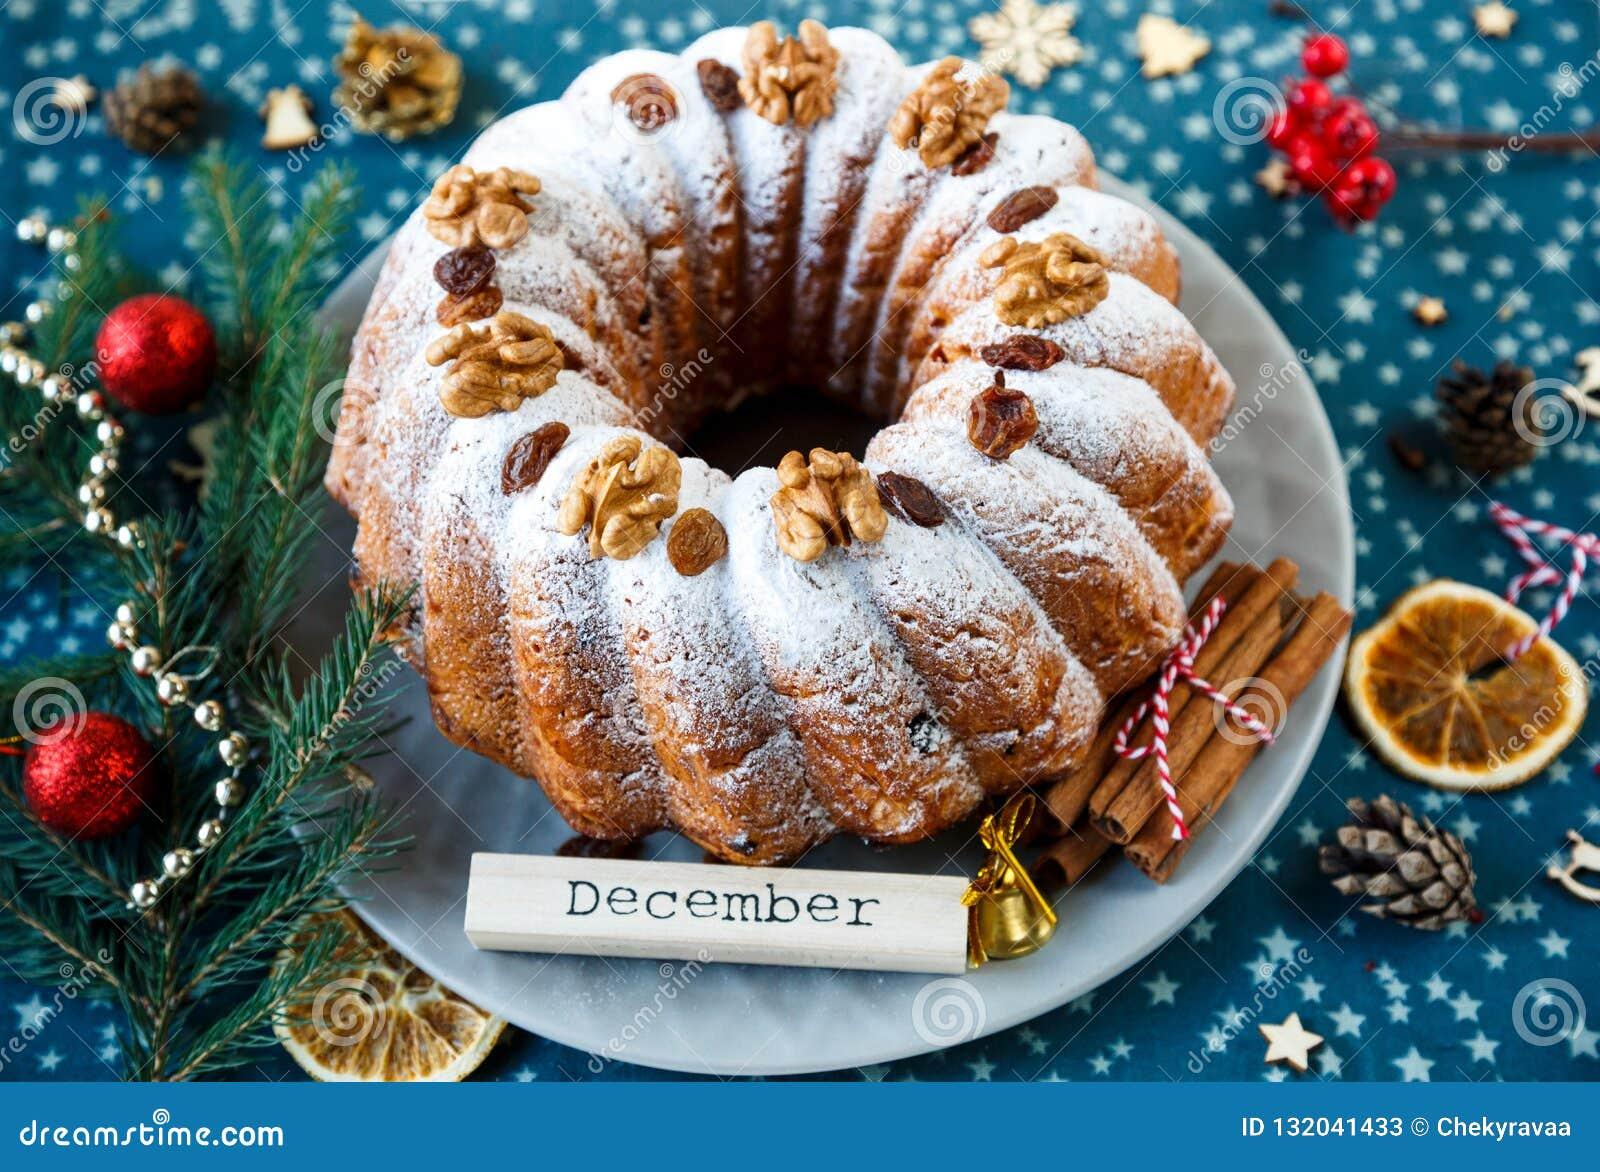 Bolo de frutas tradicional para o Natal decorado com açúcar pulverizado e porcas, passas